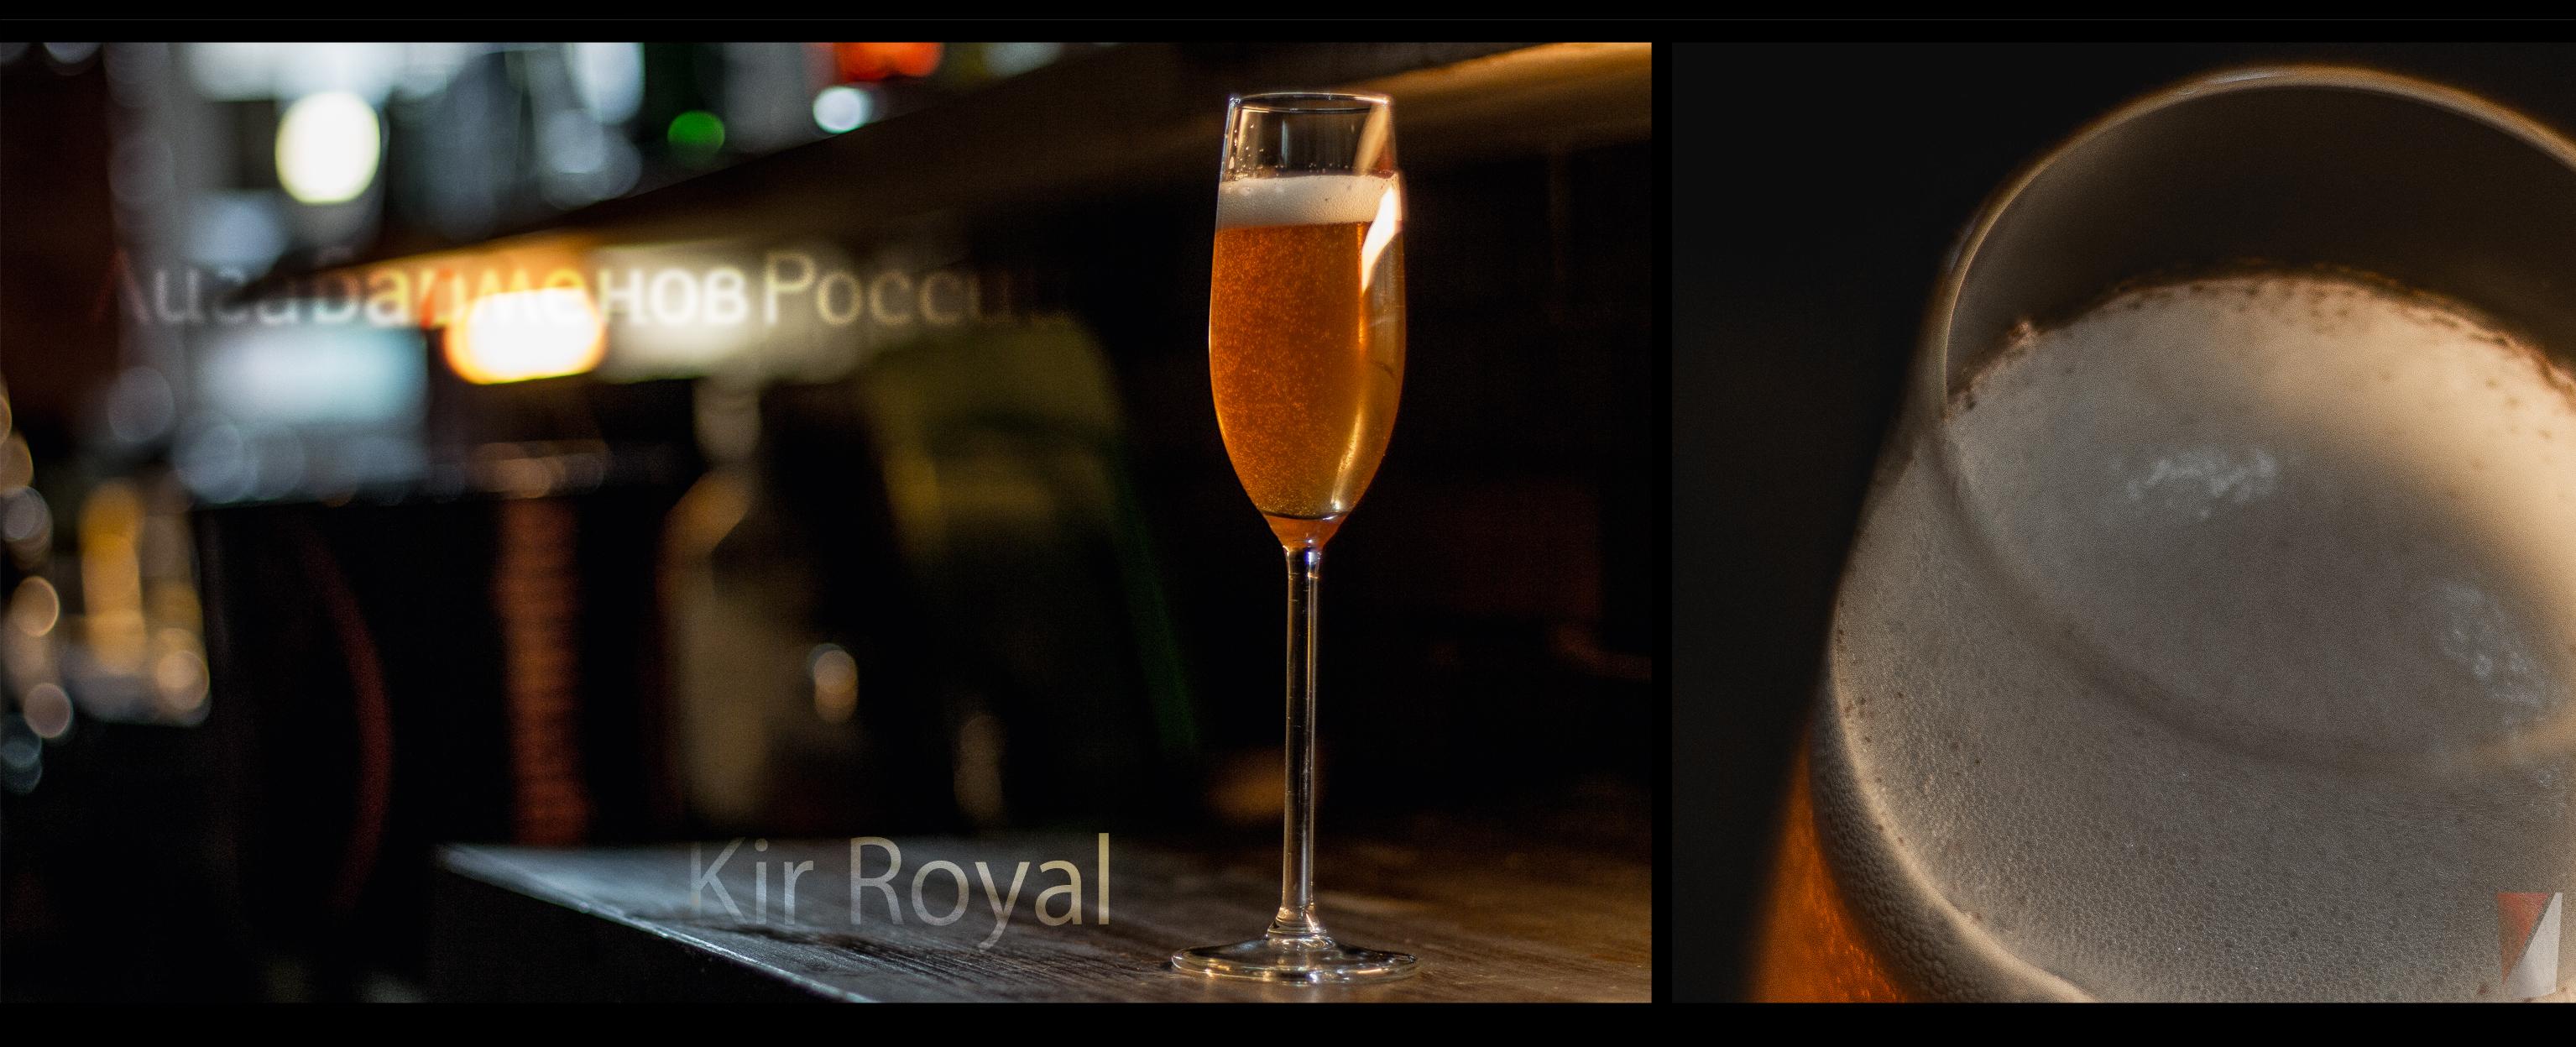 Рецепт коктейля Kir-Royal